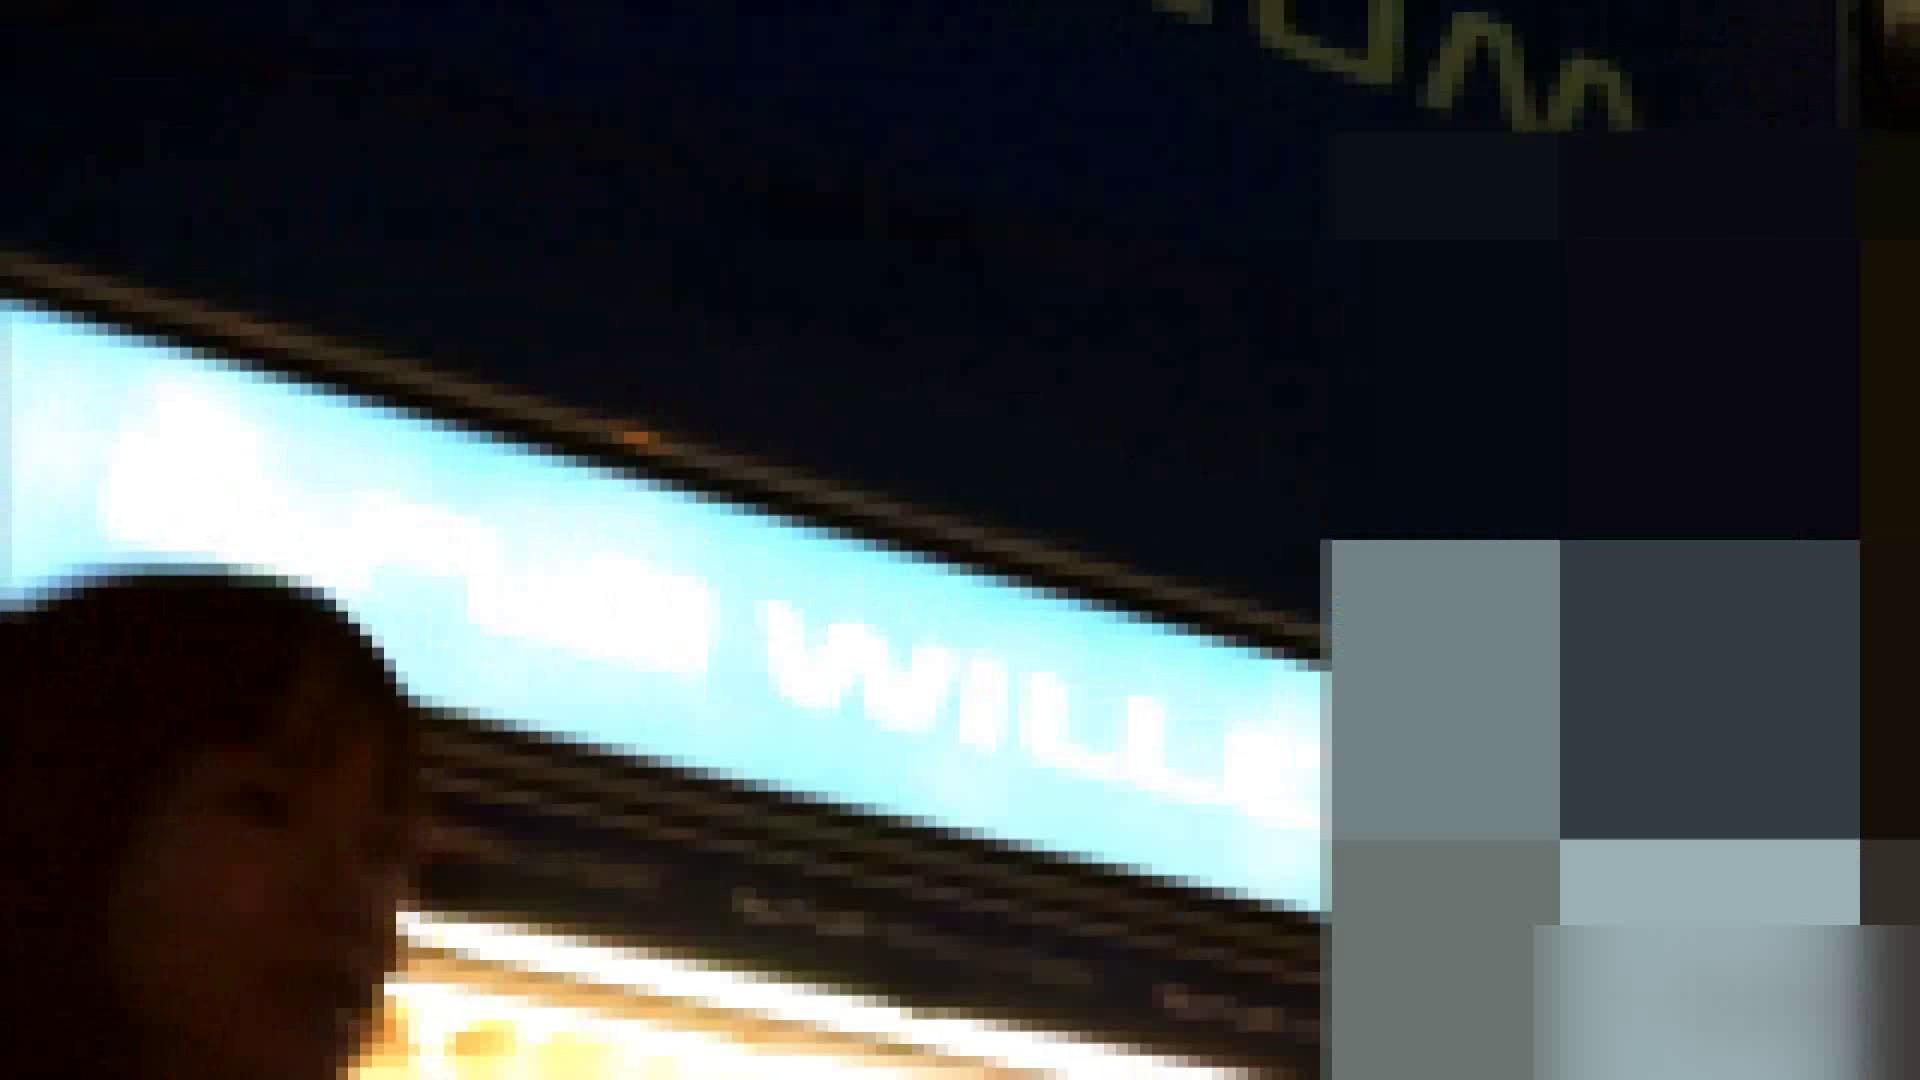 ガールズパンチラストリートビューVol.013 小悪魔ギャル | チラ見え画像  84連発 81